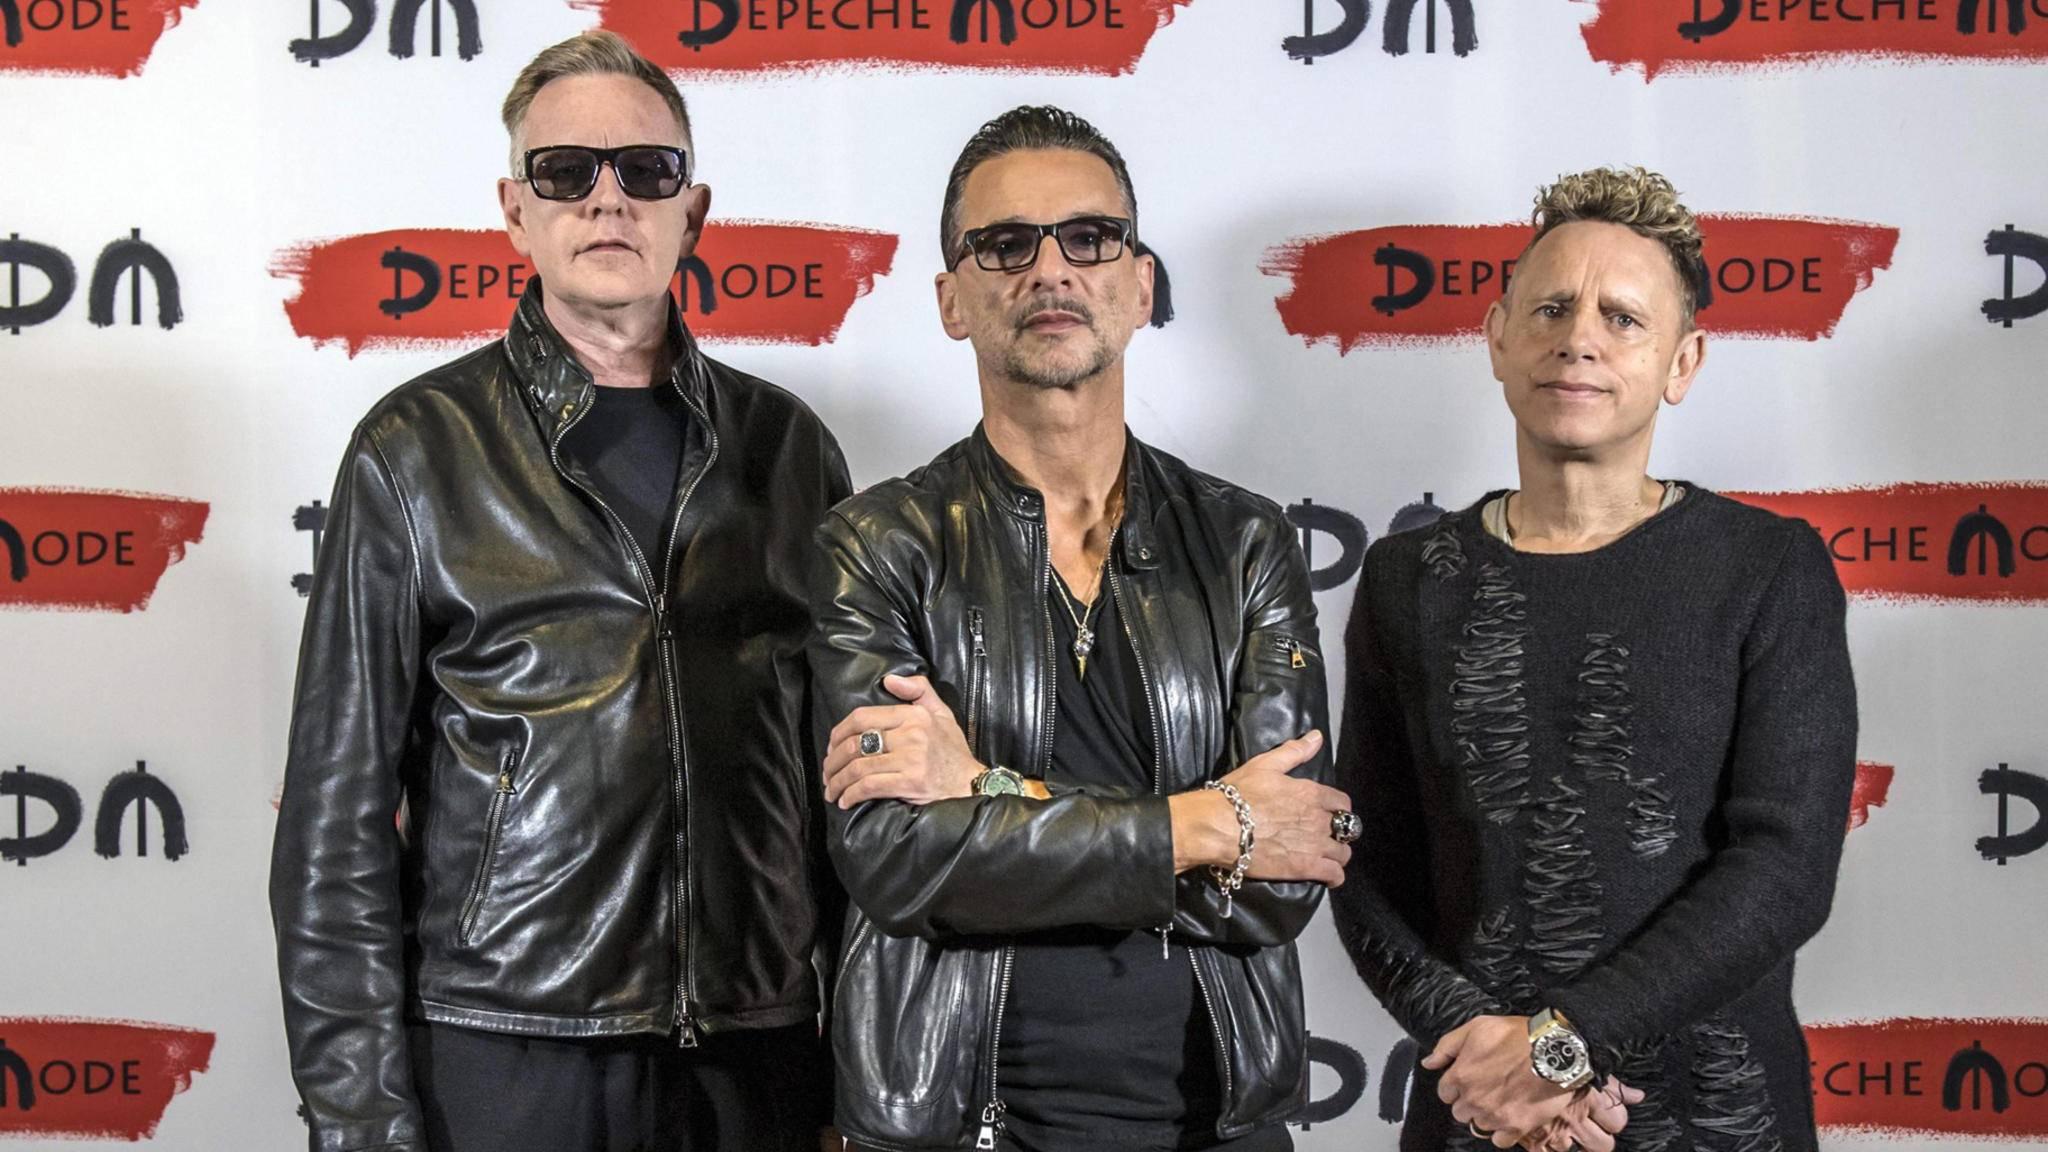 Wo bleibt die Revolution? Depeche Mode üben in ihrer neuen Single Sozialkritik.